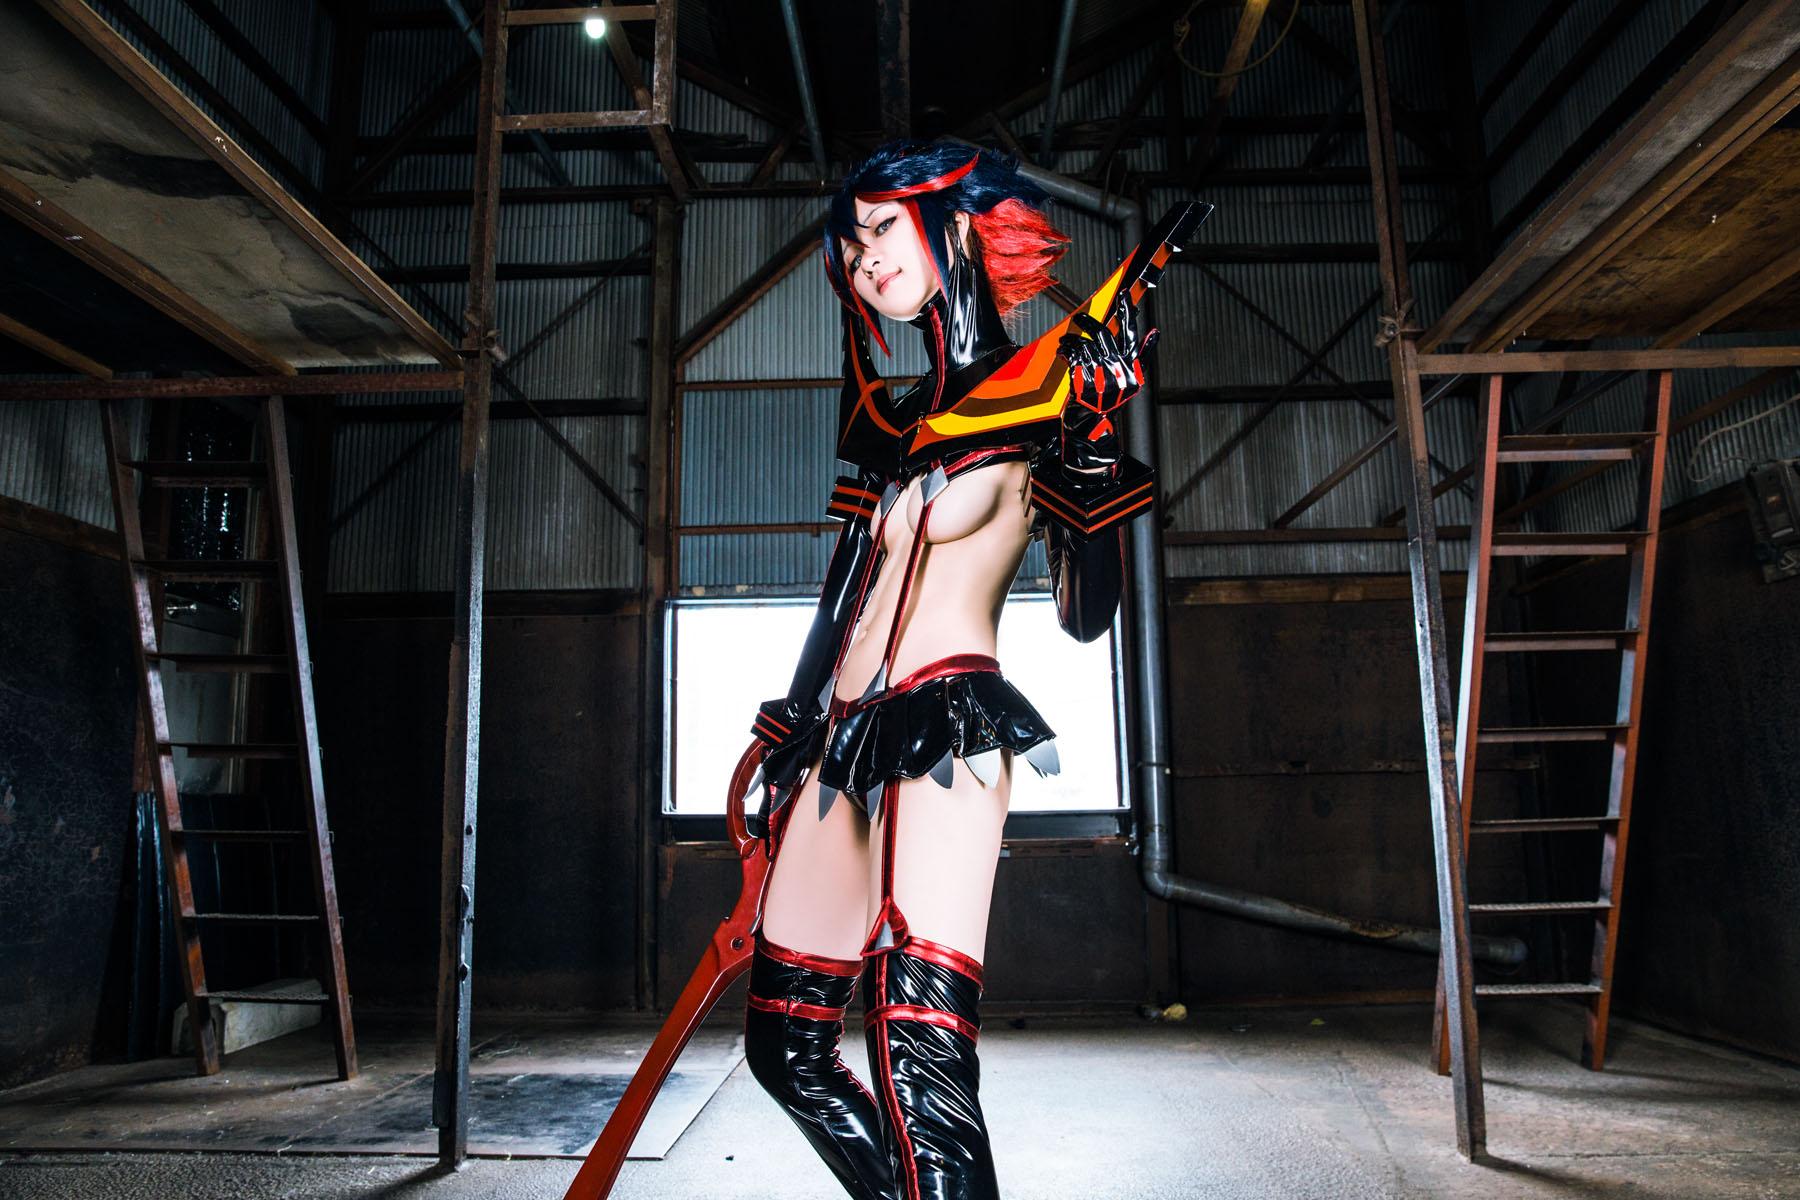 Kill la Kill Ryuuko Matoi anime cosplay by Mikehouse 0025